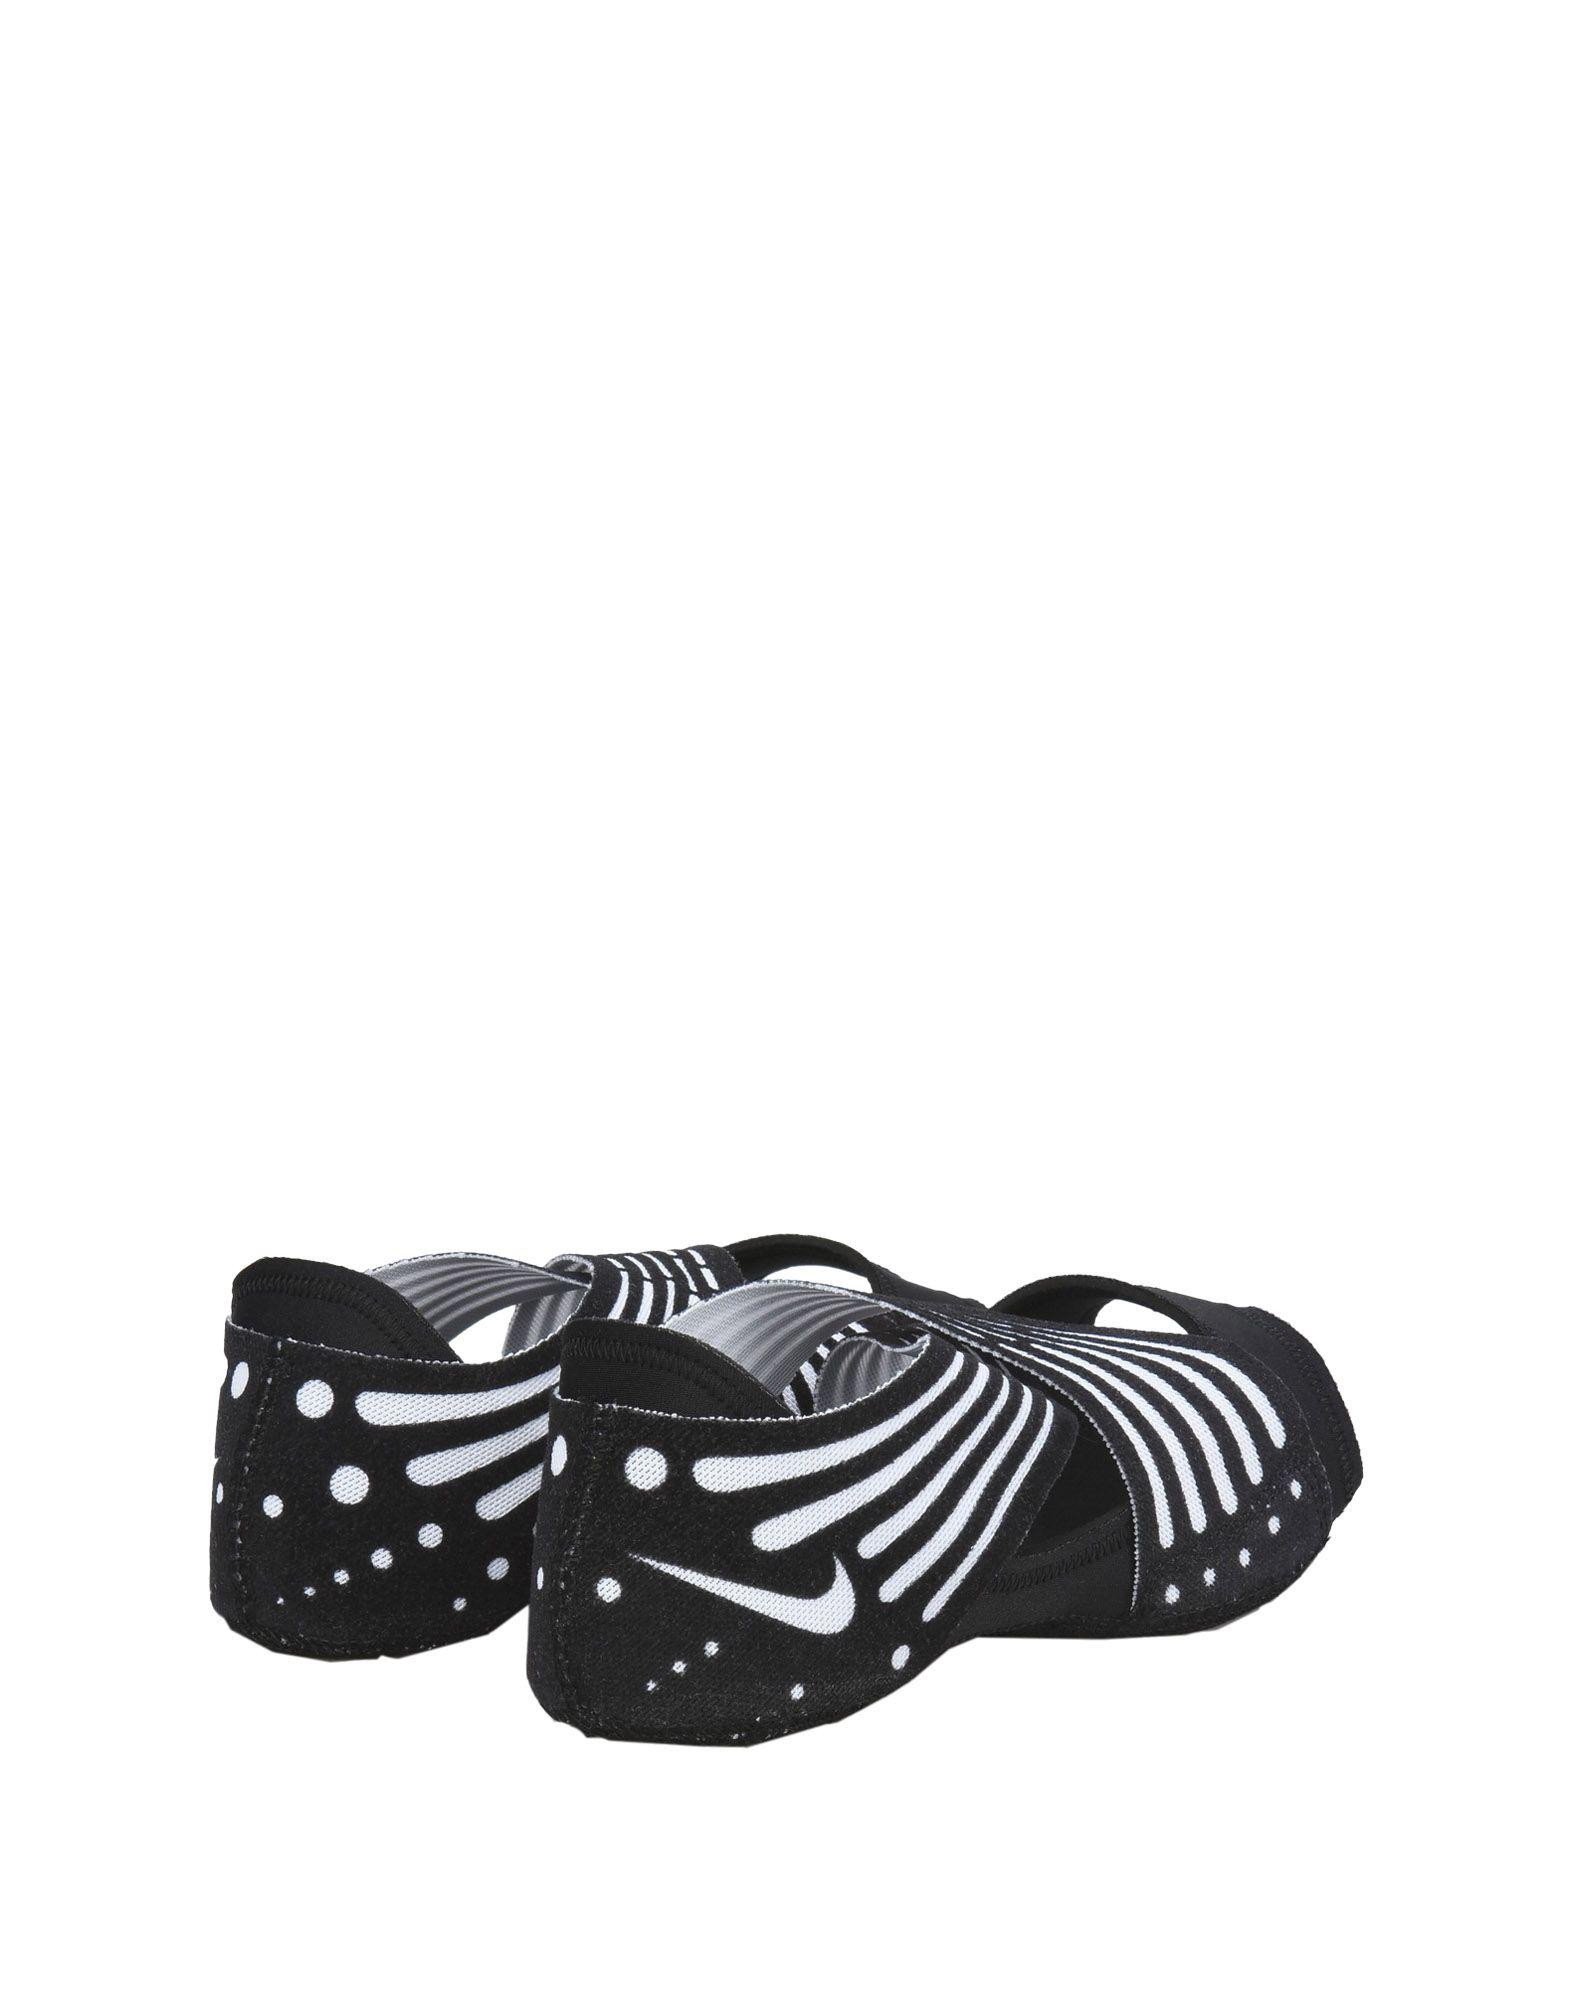 Sneakers Nike  Studio Wrap 4 - Femme - Sneakers Nike sur